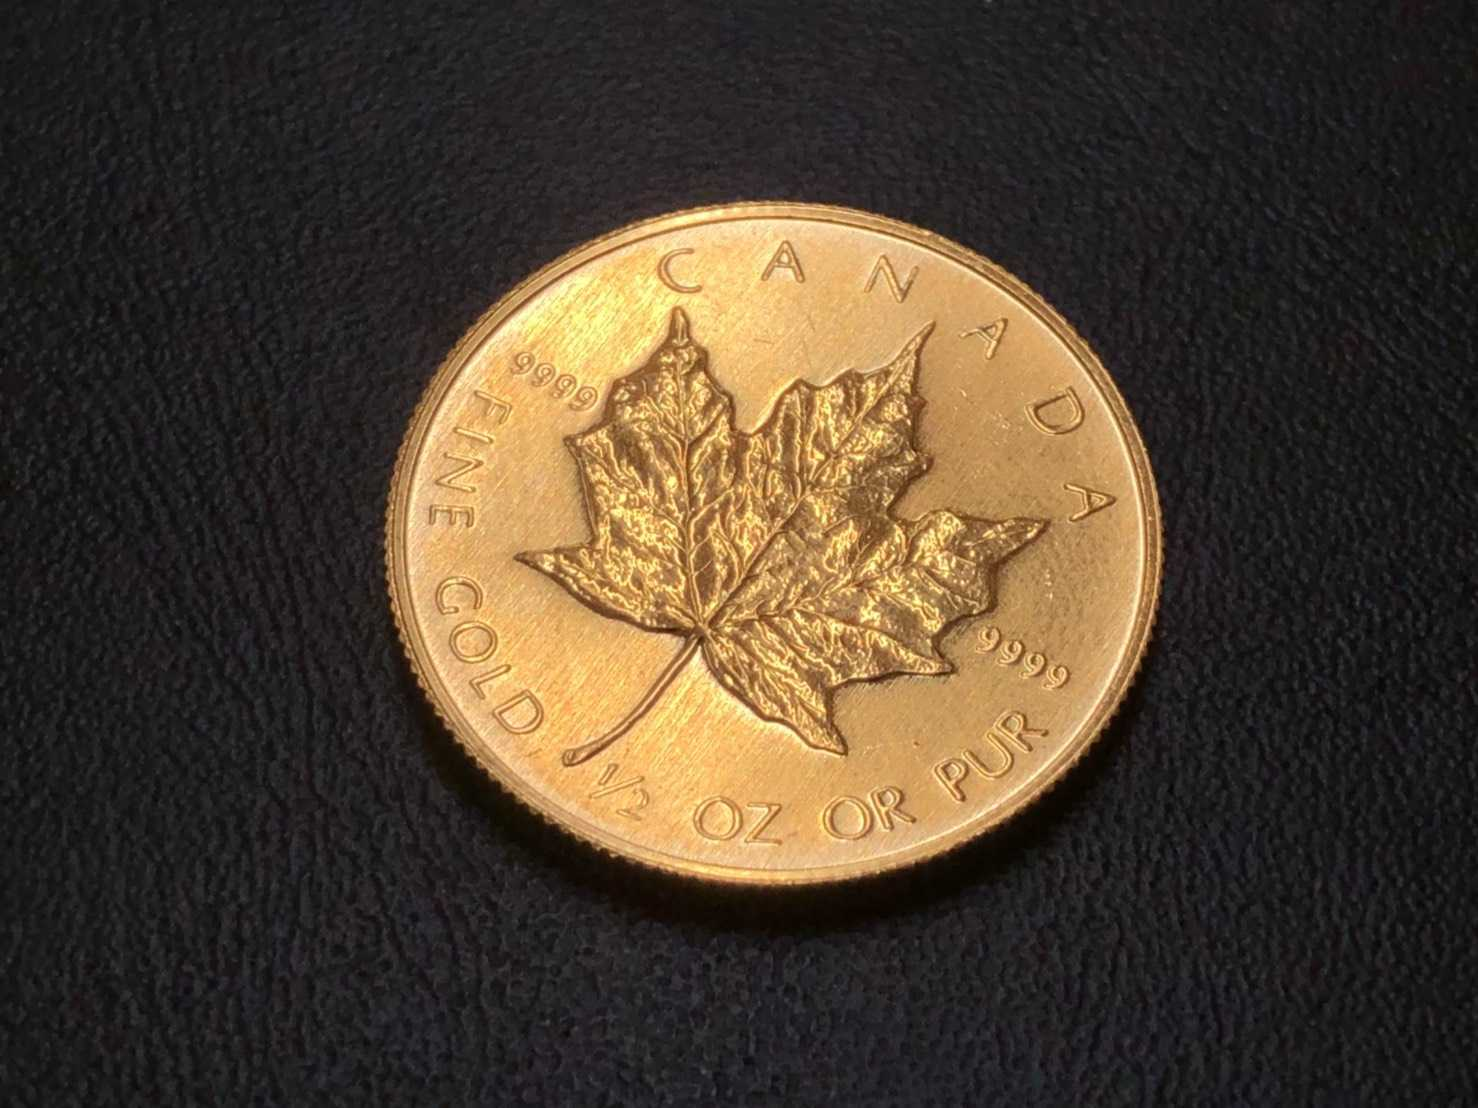 金買取 カナダ金貨